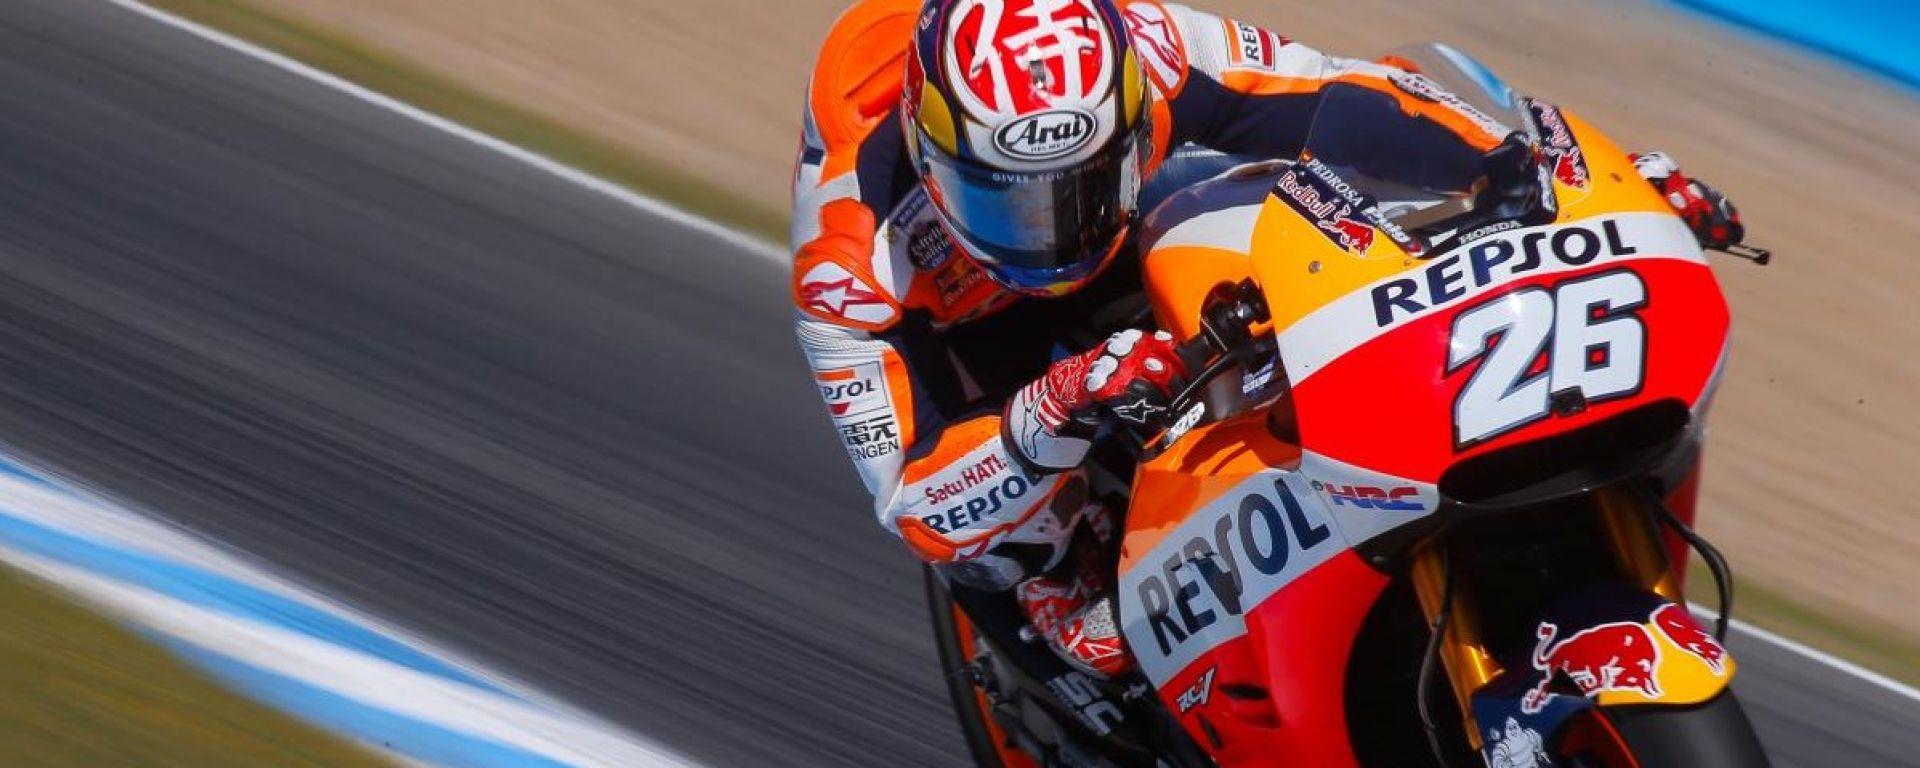 MotoGP Aragon 2017